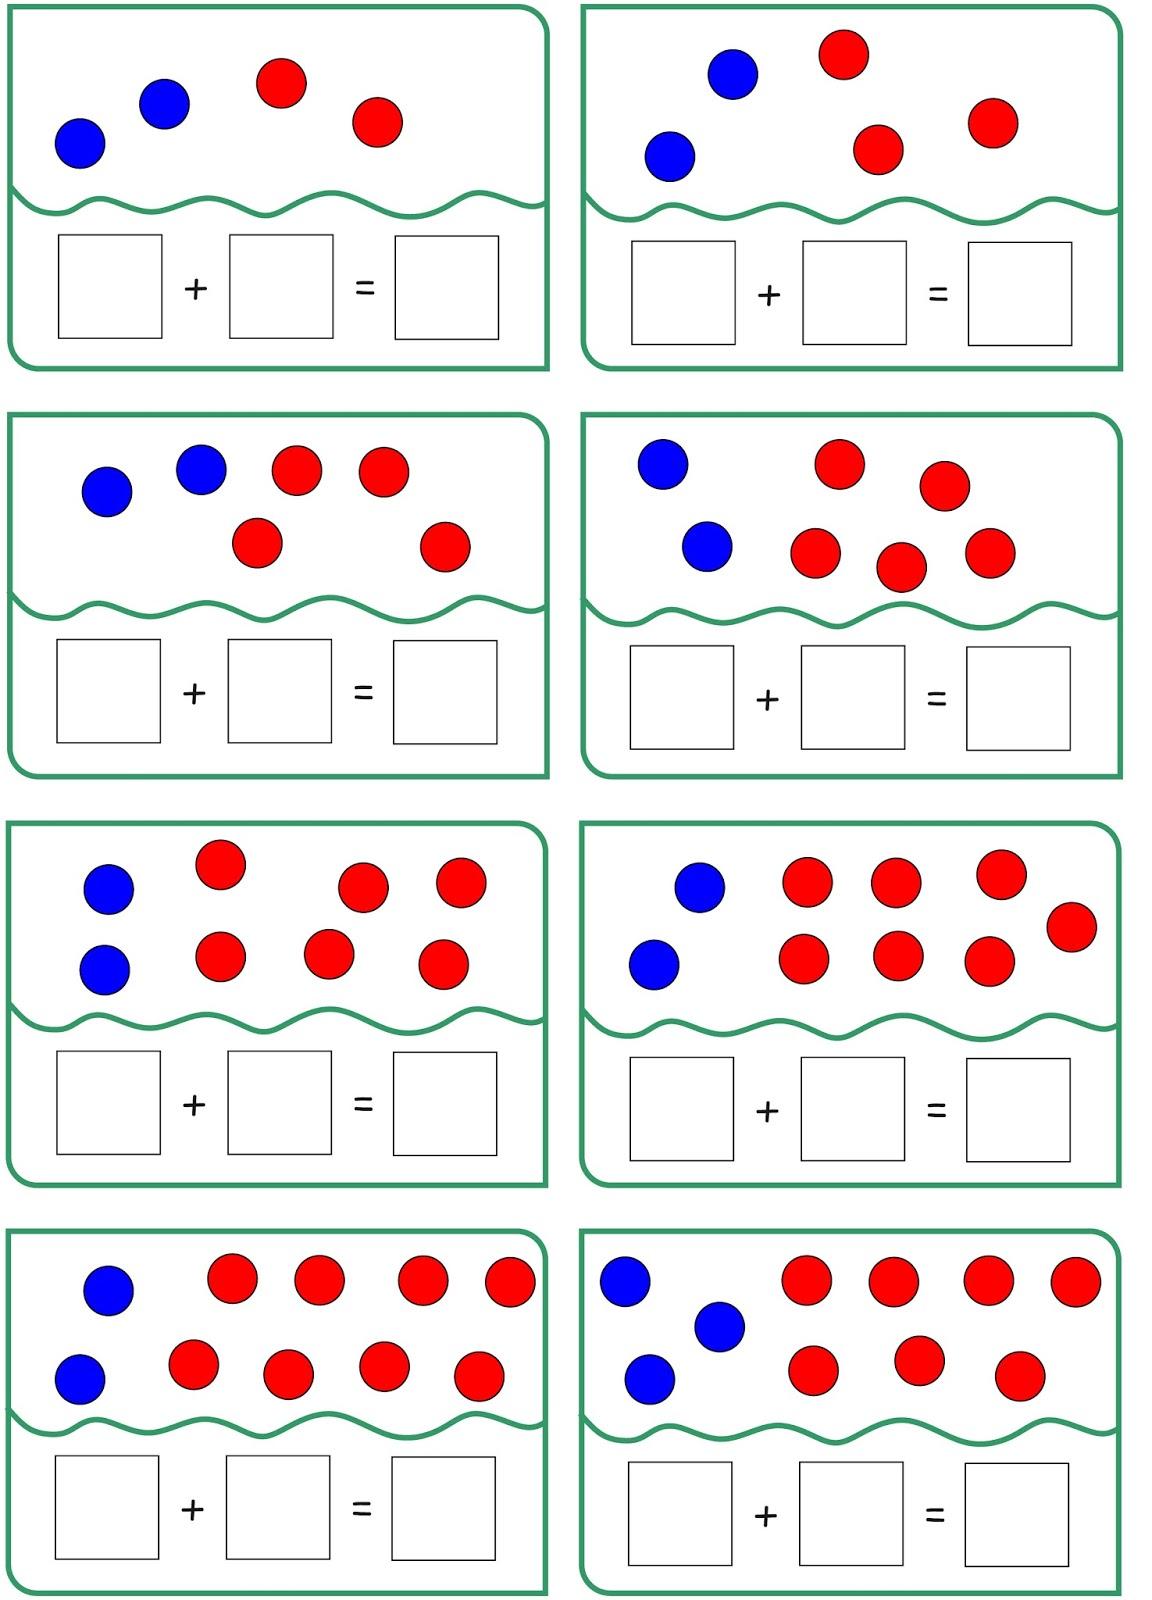 Zahlenhu00e4user Mathe Klasse 1 : Unterrichtsmaterial : Pinterest